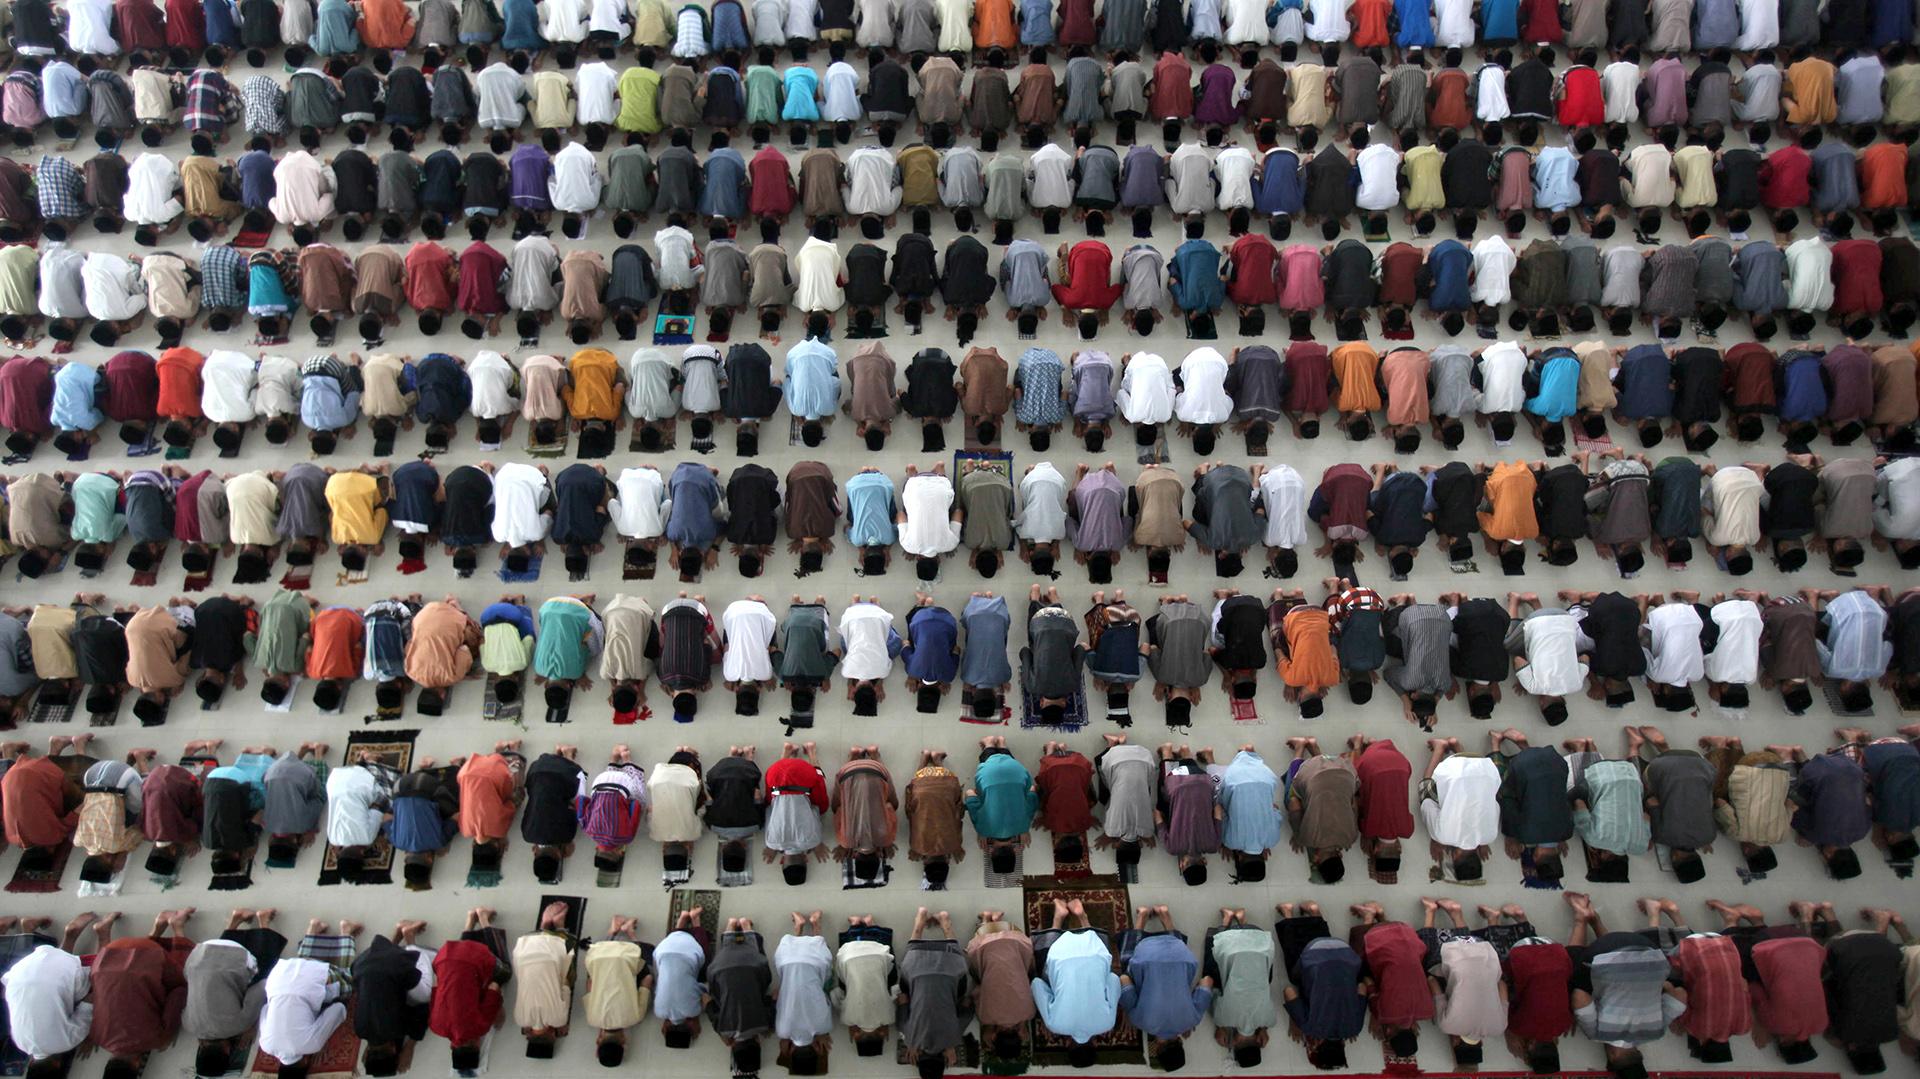 Ramadán es el noveno mes del calendario musulmán, conocido internacionalmente por ser el mes en el que los musulmanes, por su fe y por sus creencias, practican el ayuno diario desde el alba hasta que se pone el sol (AP)